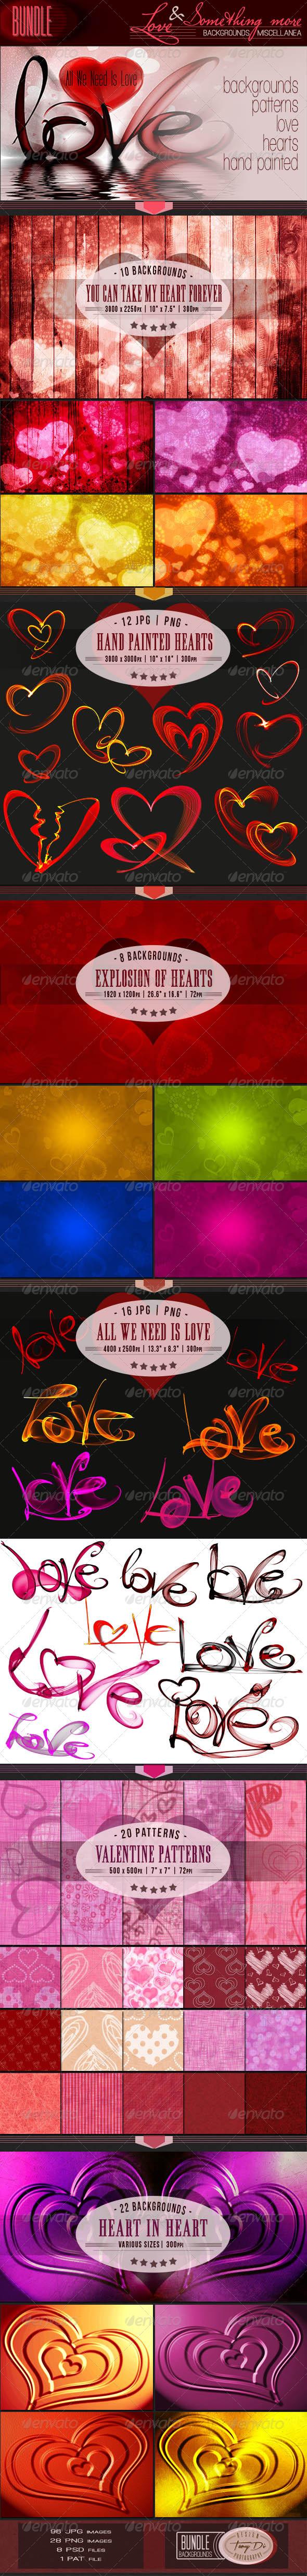 love-somethg